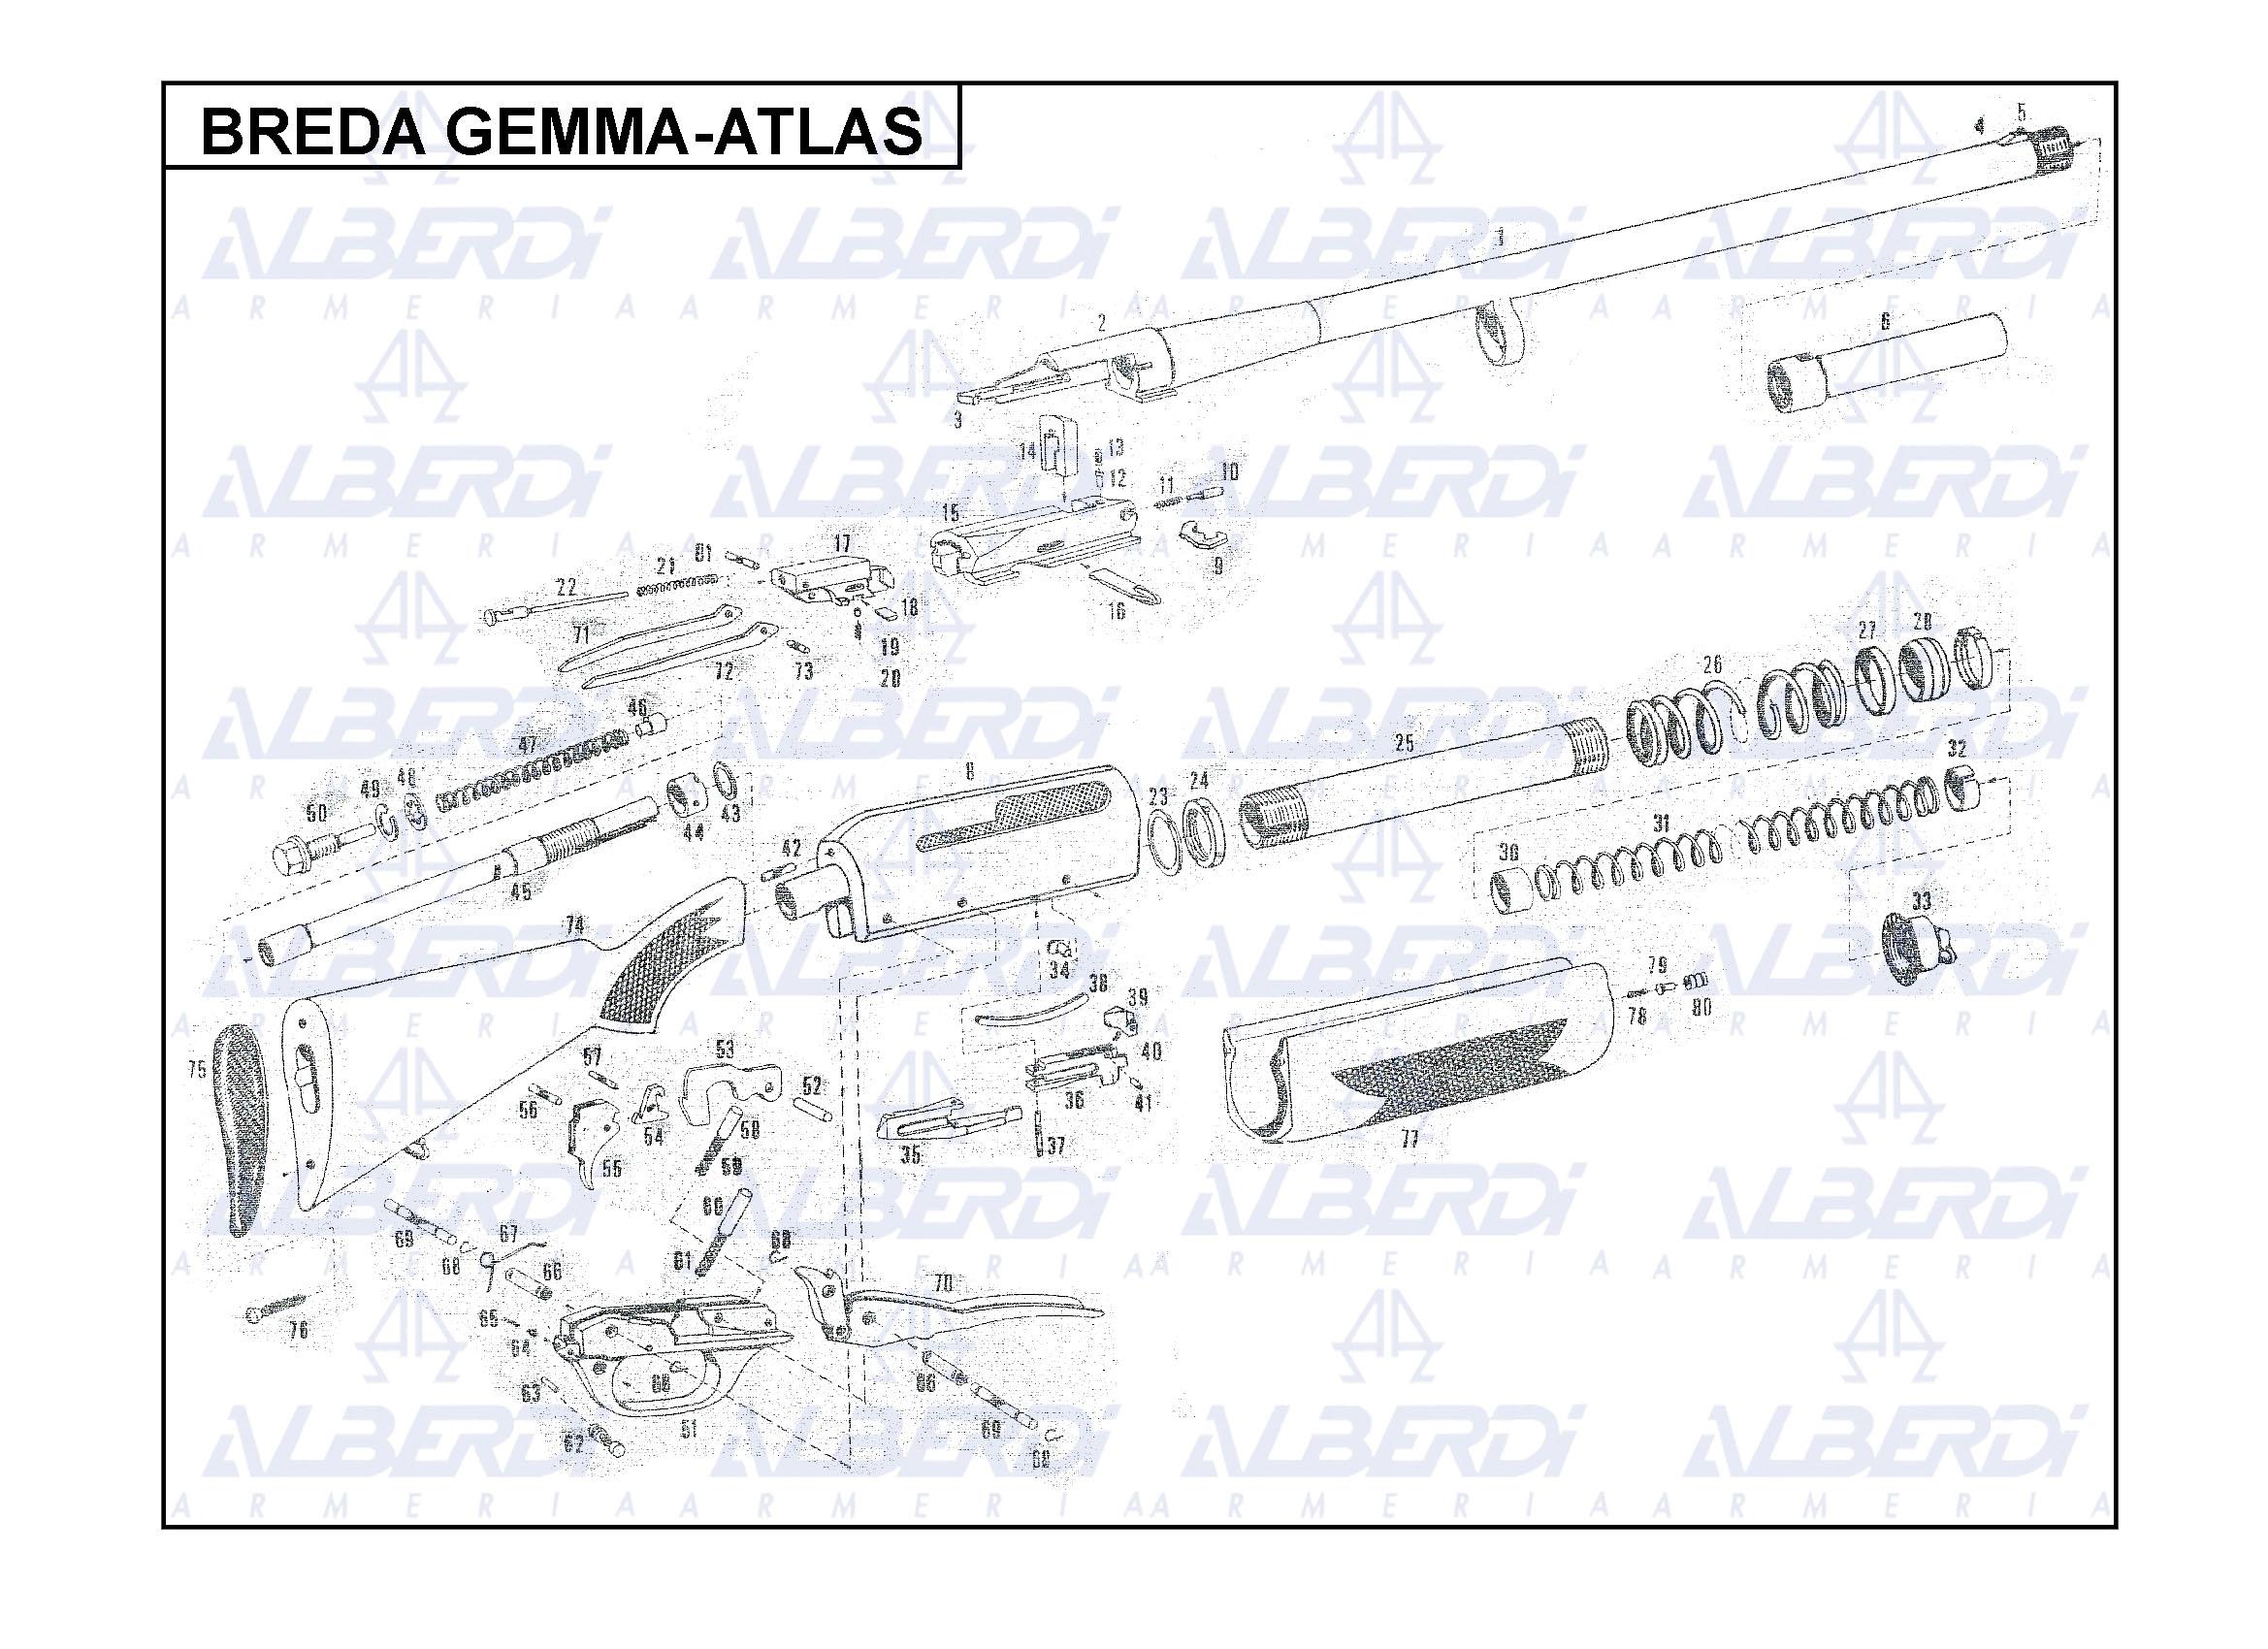 Piezas de recambio Breda Gemma-Atlas